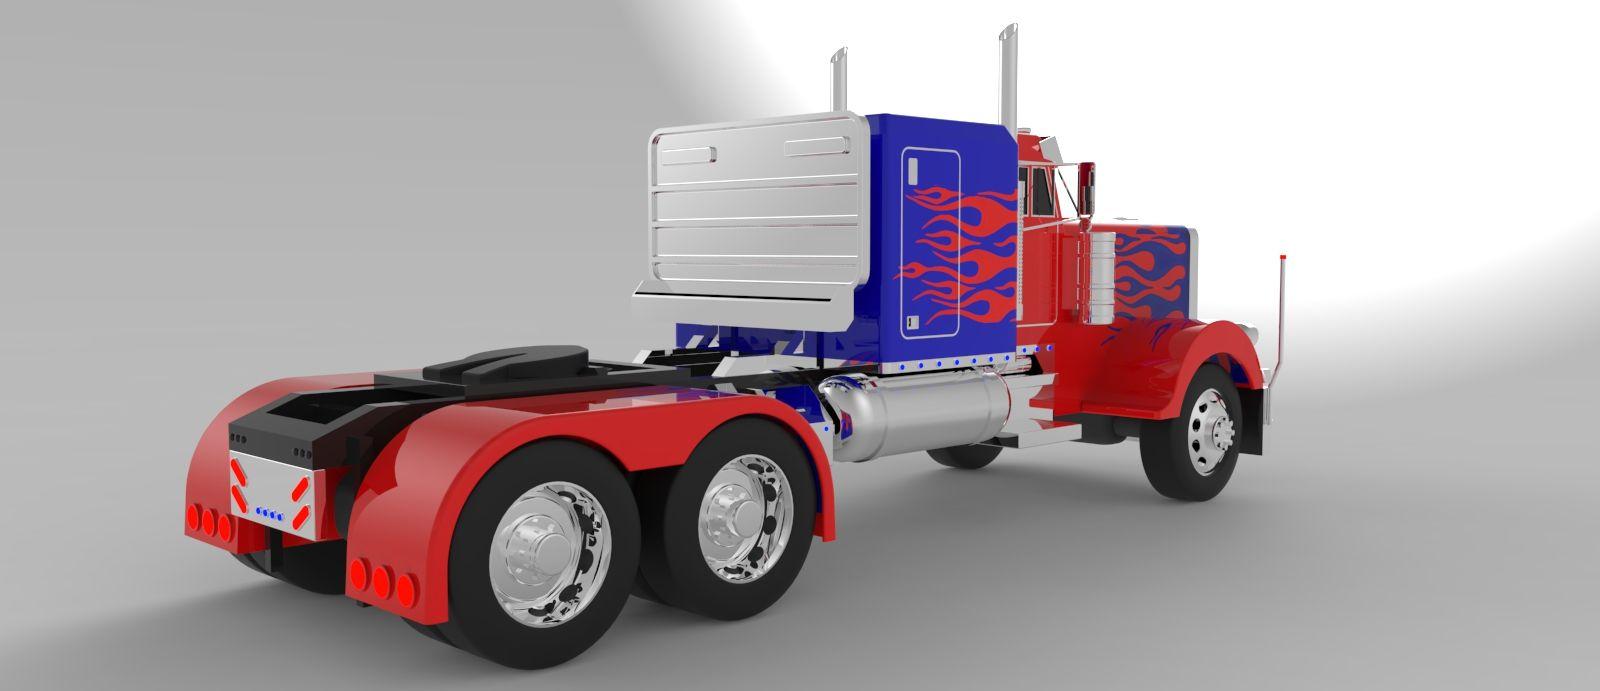 Optimus-39-3500-3500